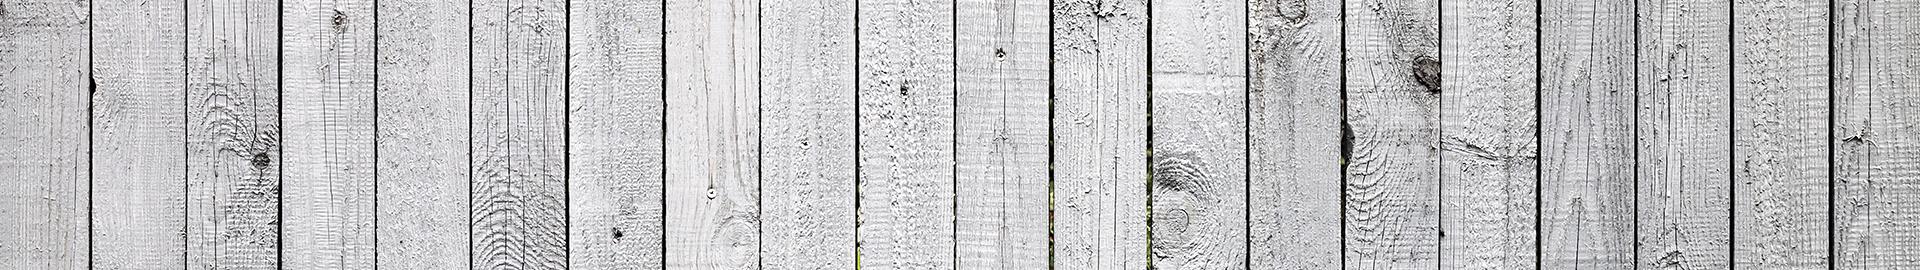 Мідний біозахист для деревини